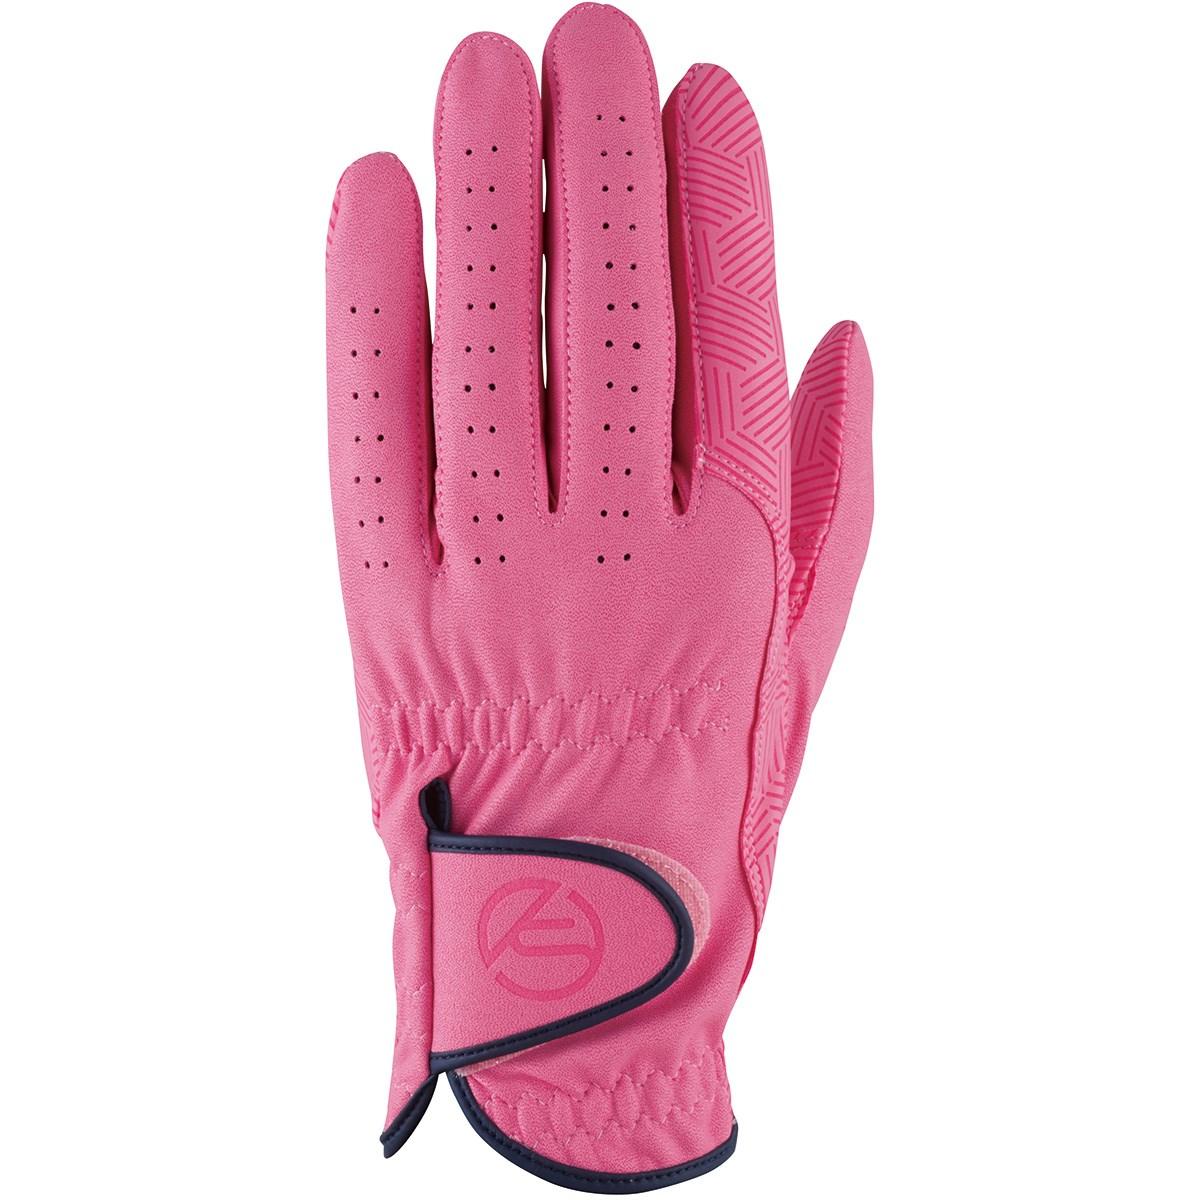 キャスコ KASCO パレット グローブ S 左手着用(右利き用) ピンク